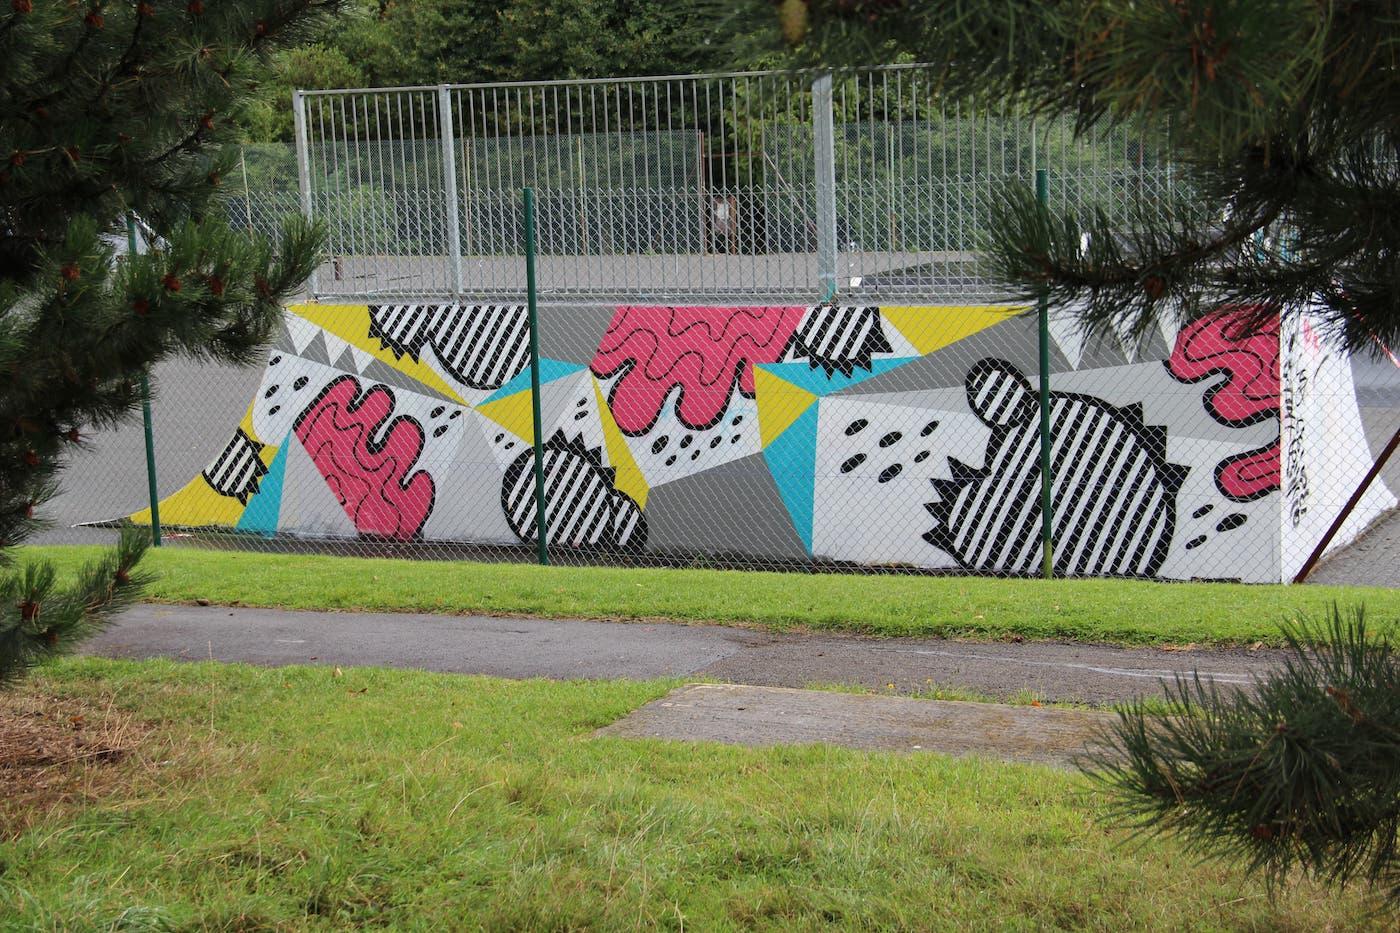 cheltenham-paint-festival-street-art-graffiti-mural